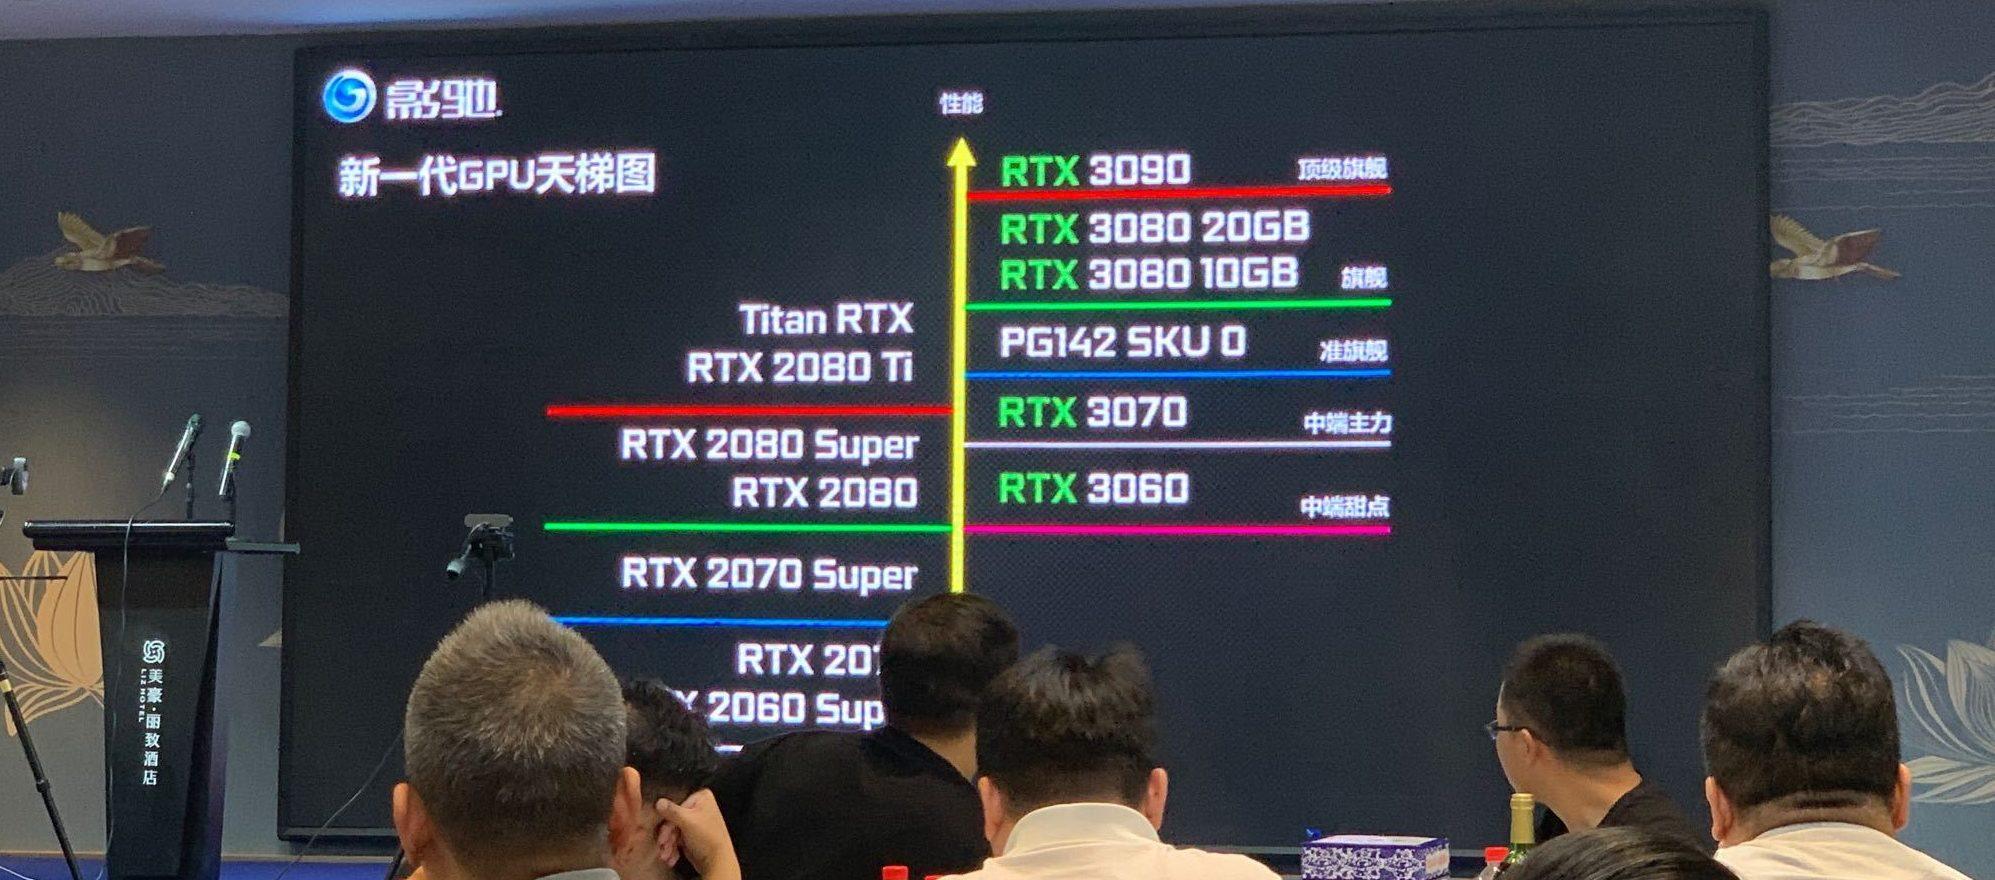 NVIDIA GeForce RTX 3060 Ti Akan Memiliki 512 Core Lebih Banyak Dibandingkan RTX 2080 Ti